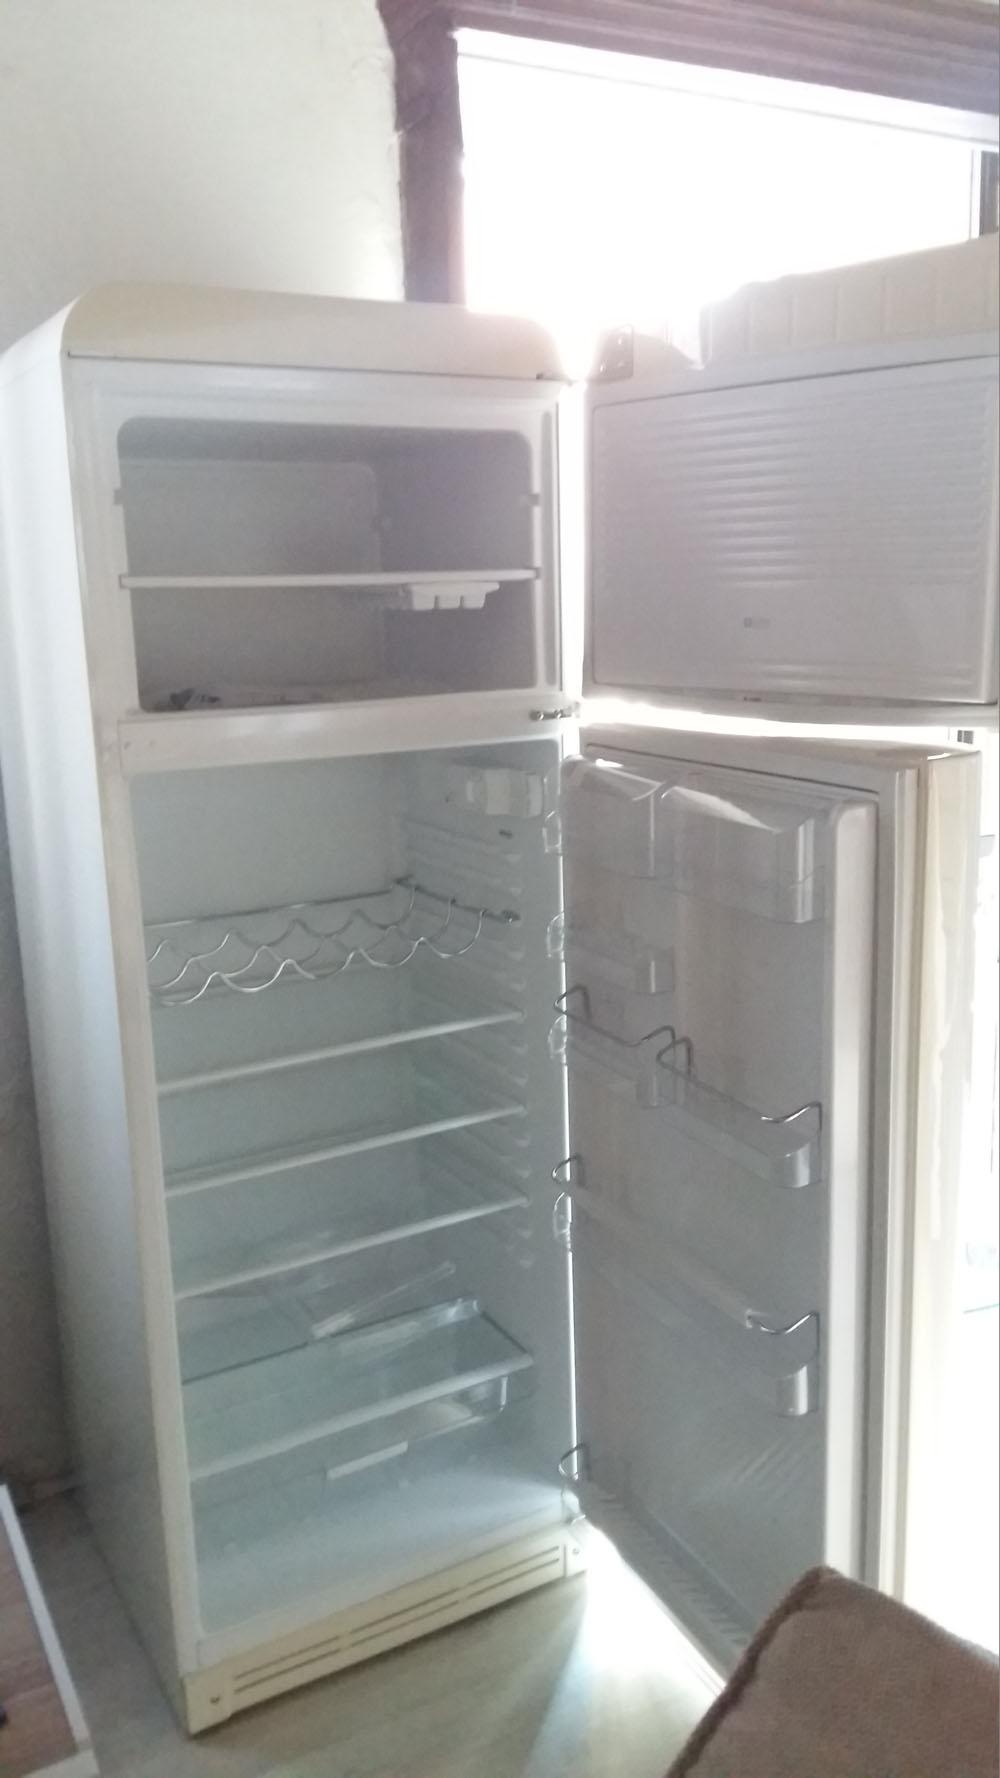 frigo smeg fab30 scontato del 54 elettrodomestici a prezzi scontati. Black Bedroom Furniture Sets. Home Design Ideas